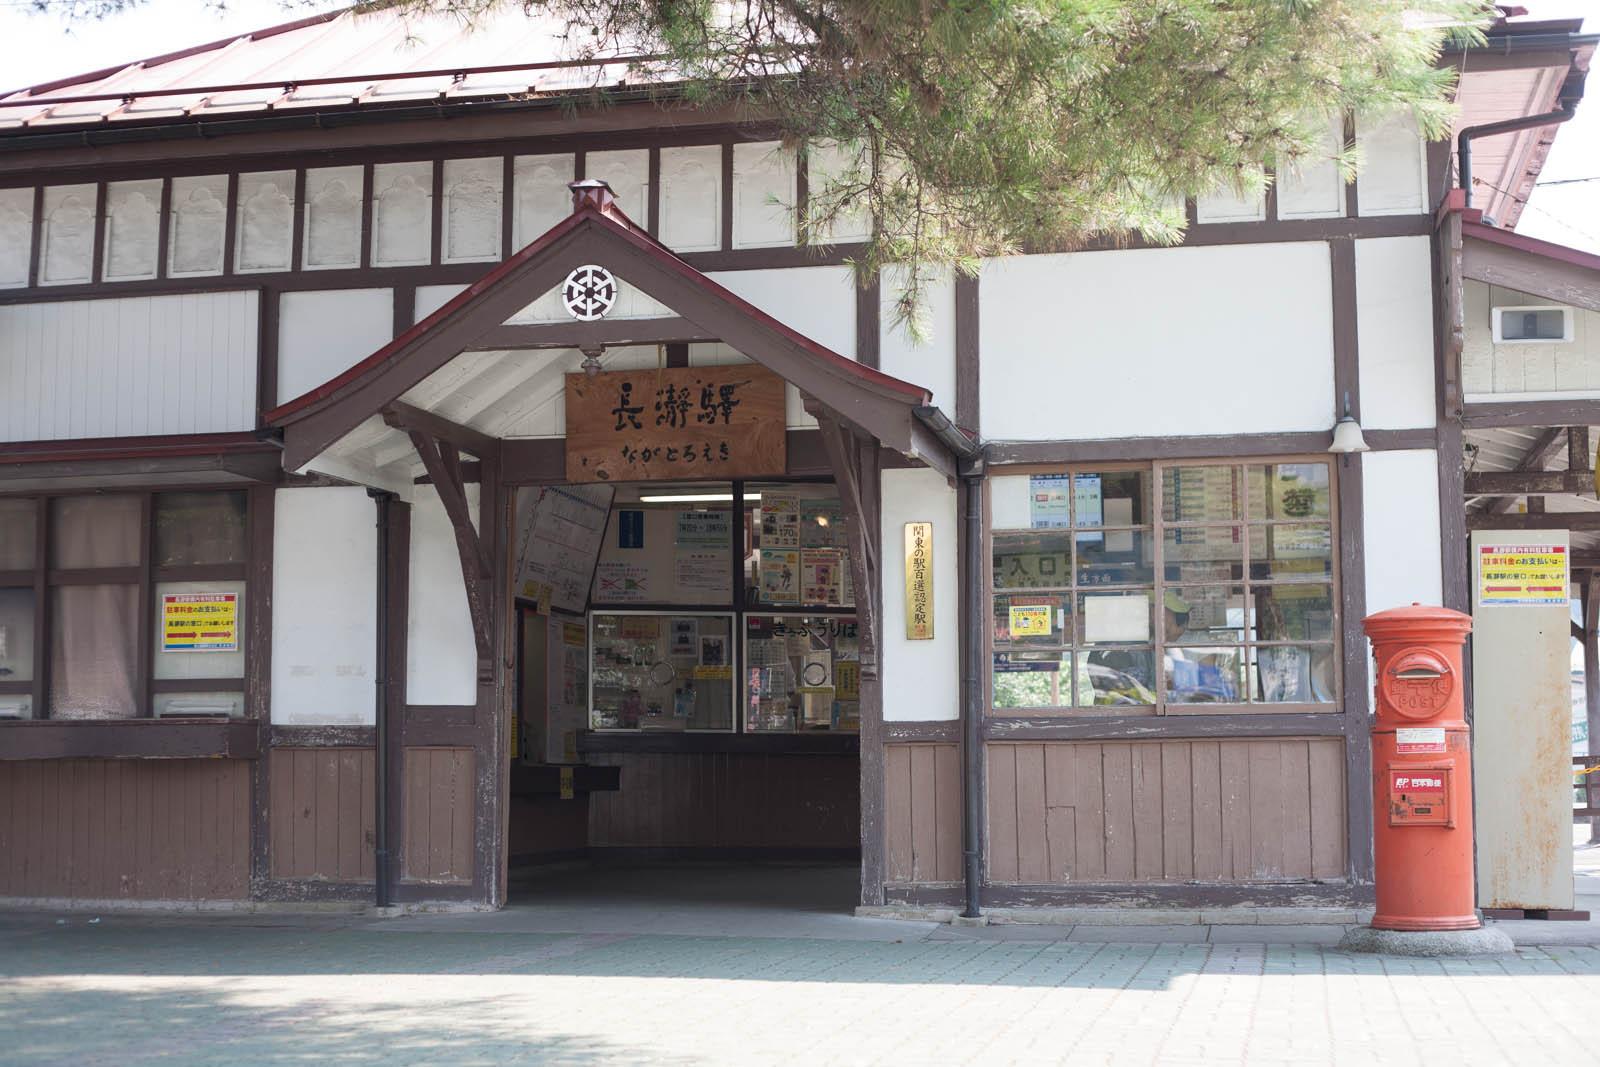 ichigusha-8338.jpg